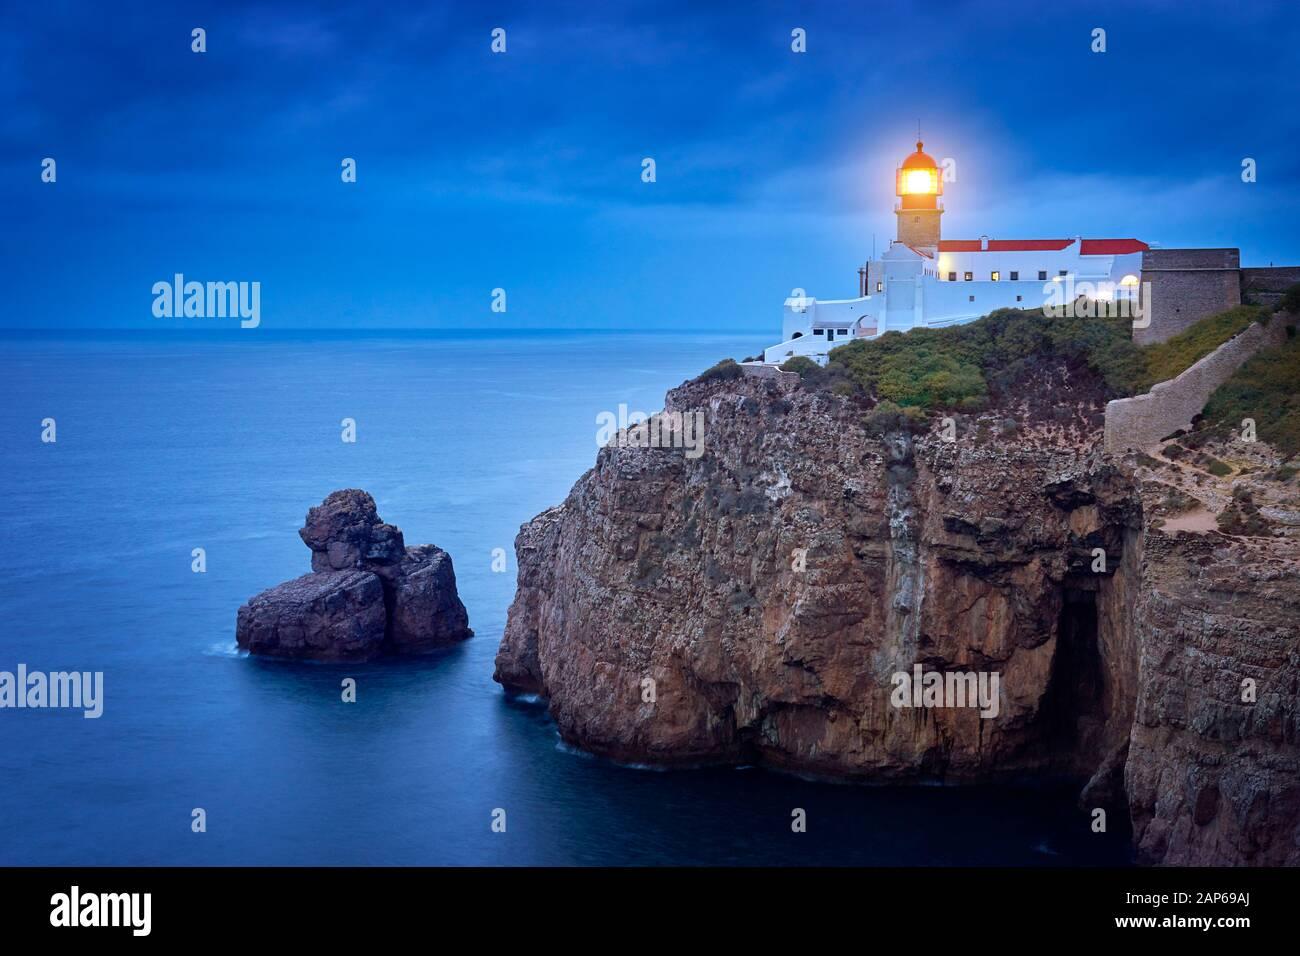 Cabo de Sao Vicente Lighthouse, Sagres, Algarve, Portugal Stock Photo